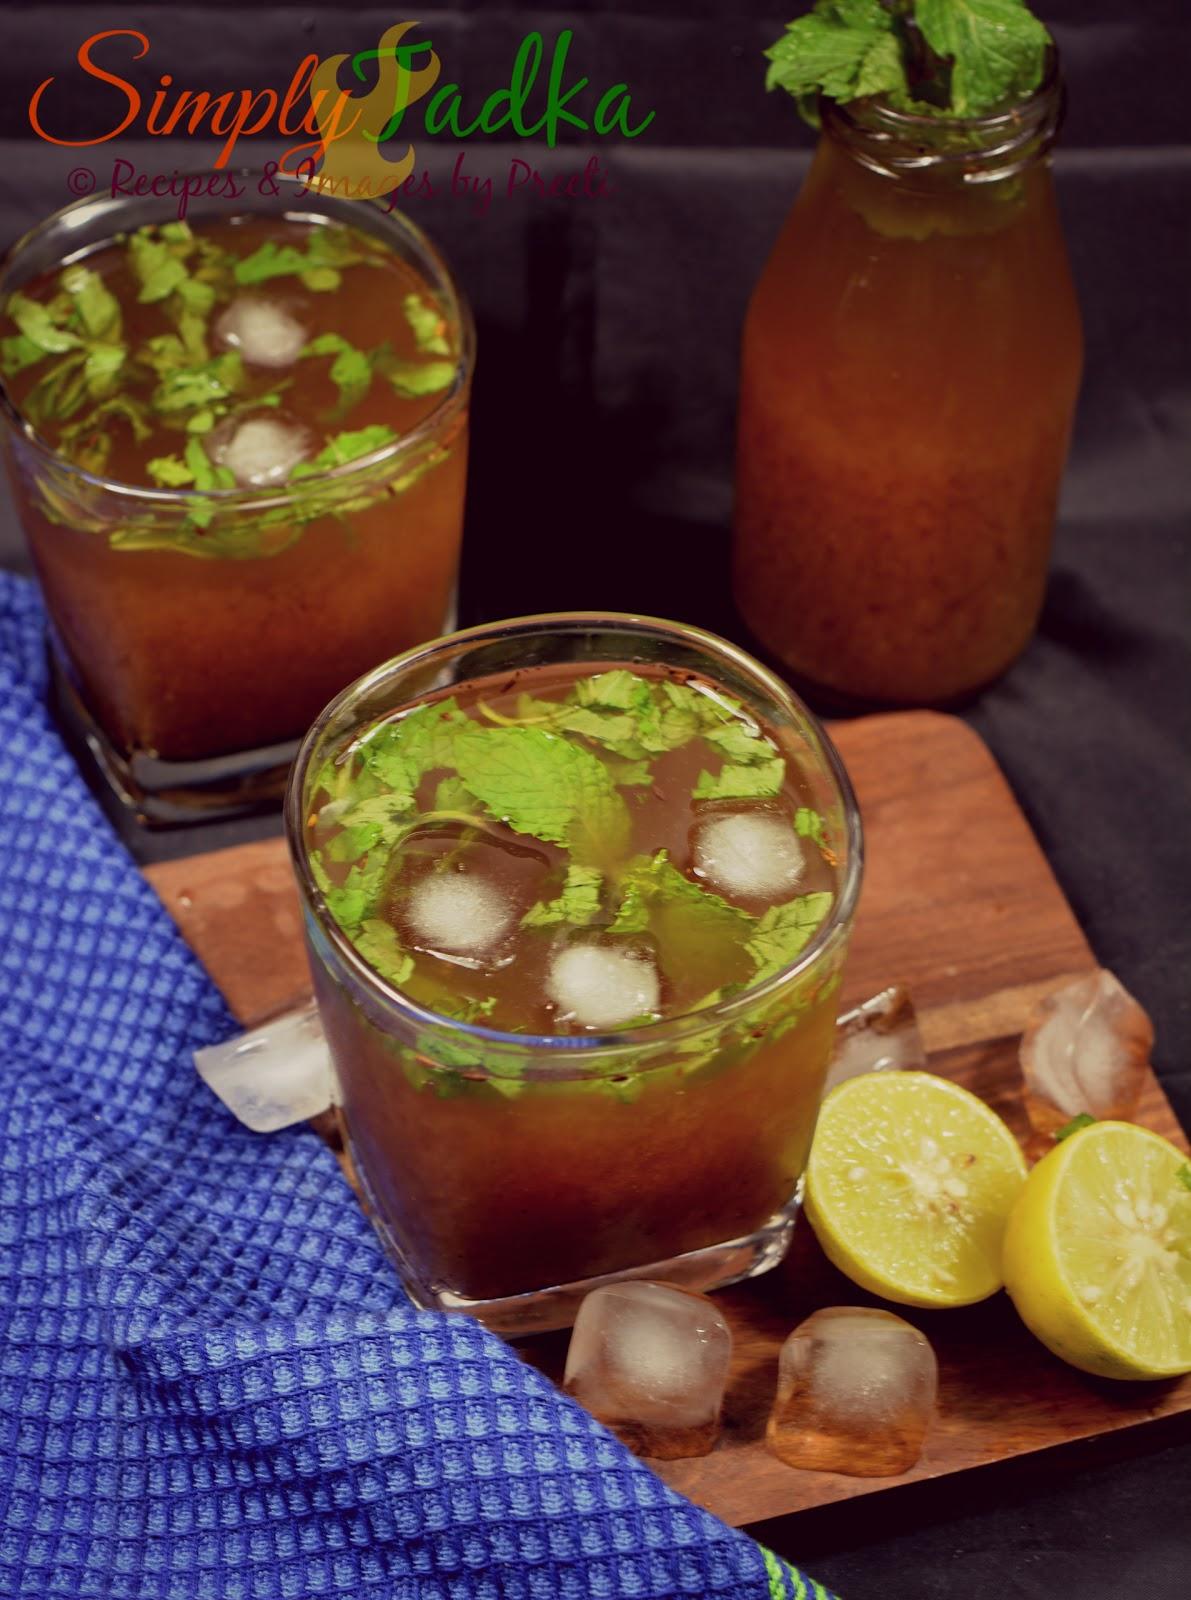 Imli Ka Amlana Imli Ka Paani Indian Tamarind Drink Recipes Simply Tadka